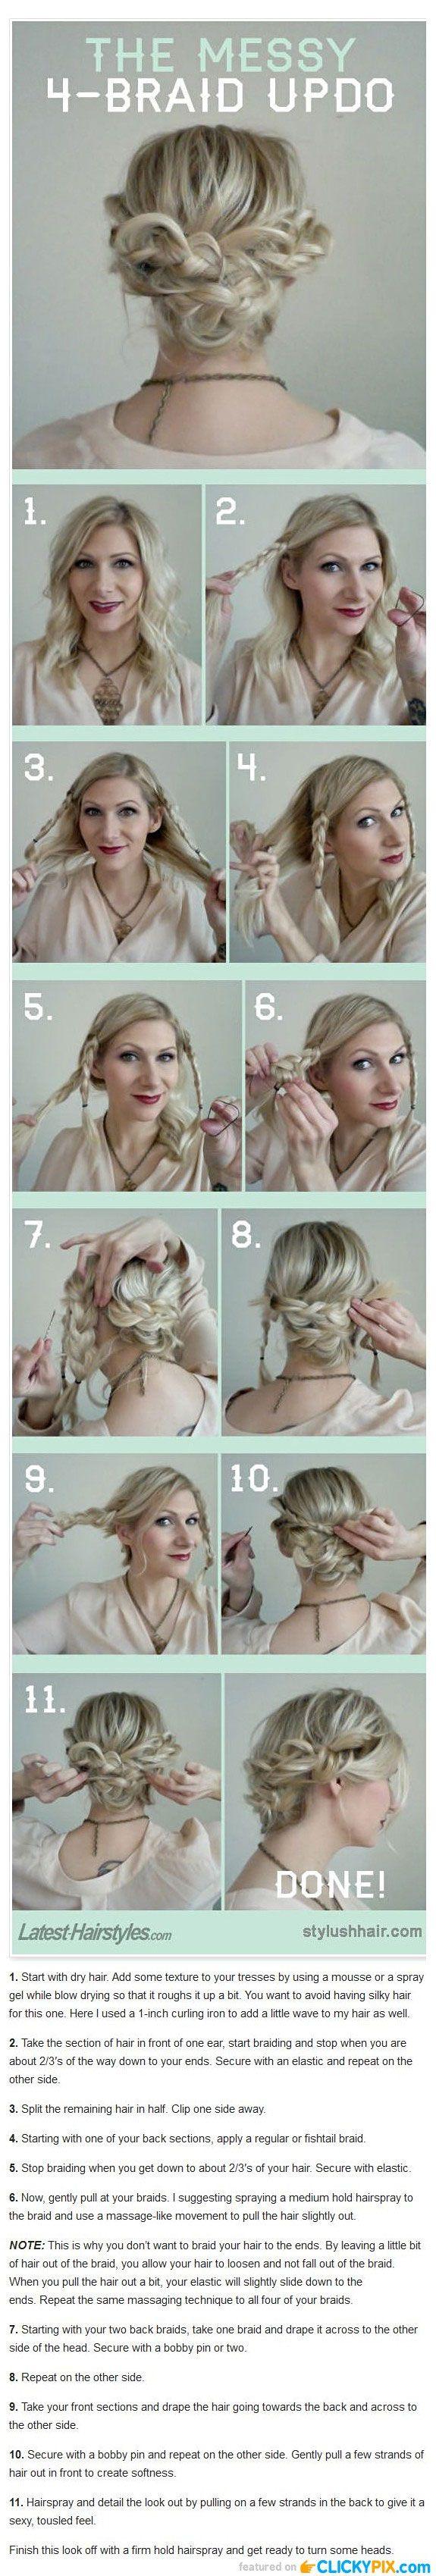 DIY Hair Tutorials Step by Step Guides - 4 Braid Up Do